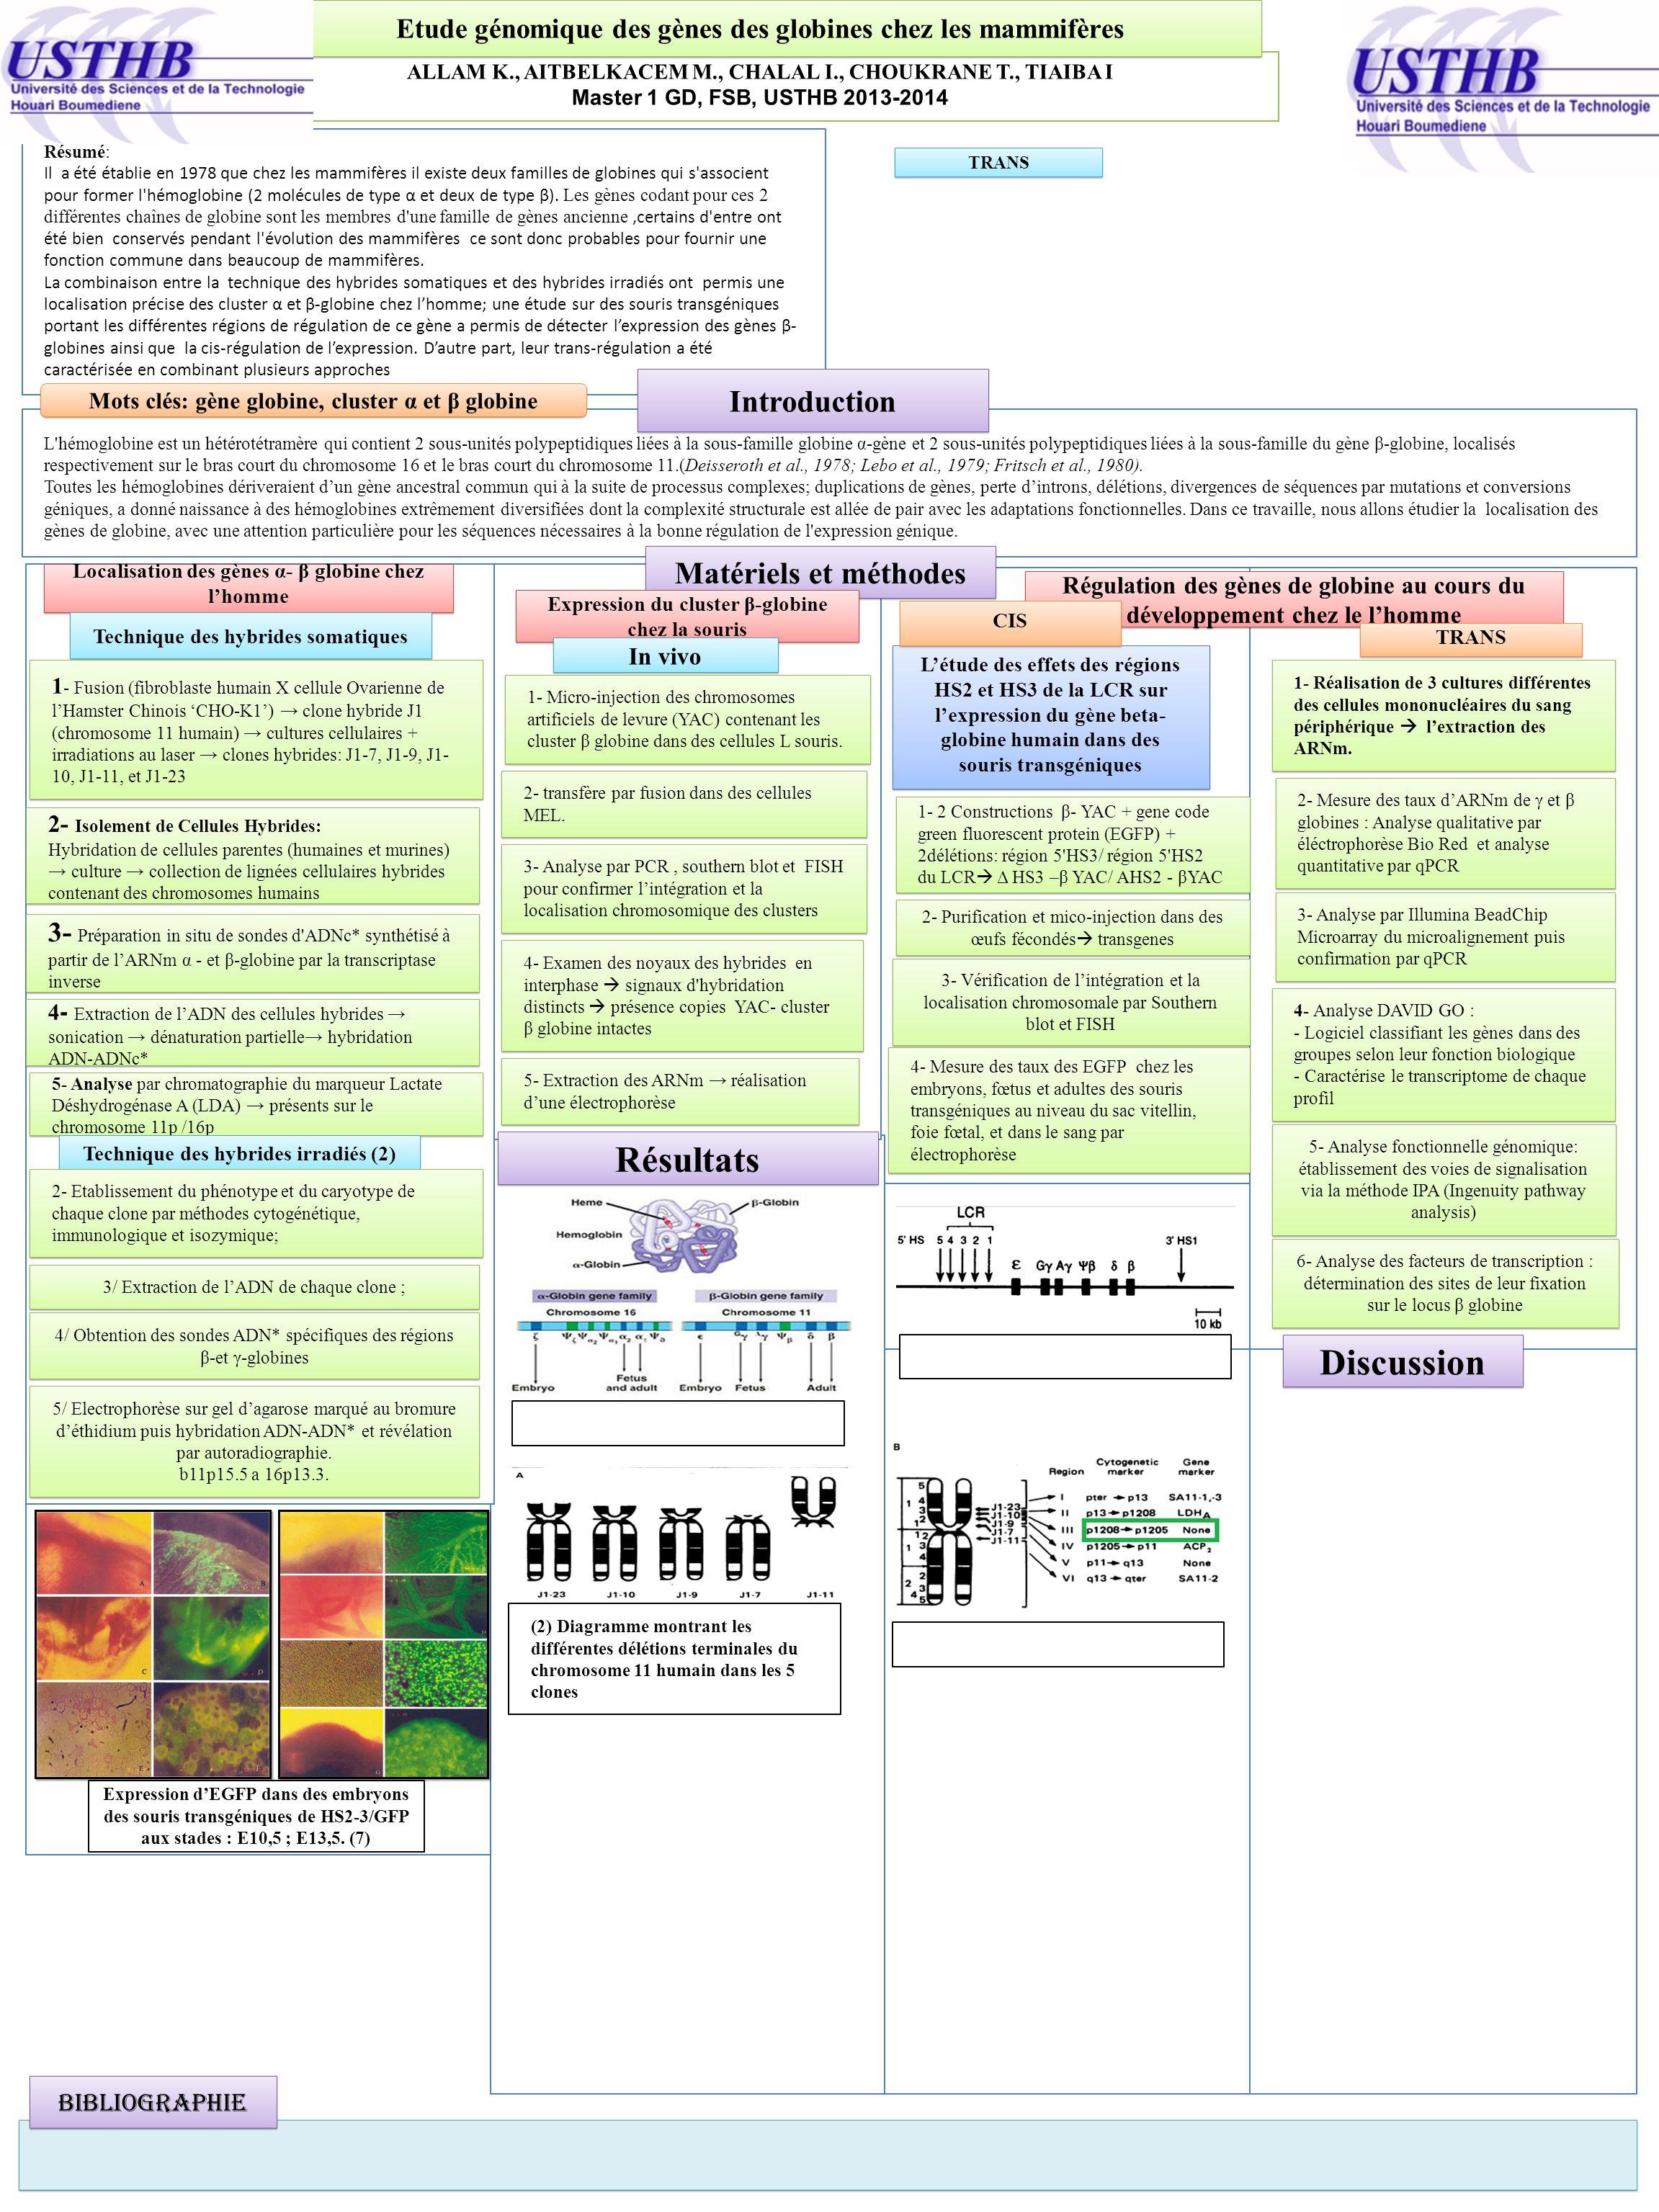 ALLAM K., AITBELKACEM M., CHALAL I., CHOUKRANE T., TIAIBA I Master 1 GD, FSB, USTHB 2013-2014 Etude génomique des gènes des globines chez les mammifèr